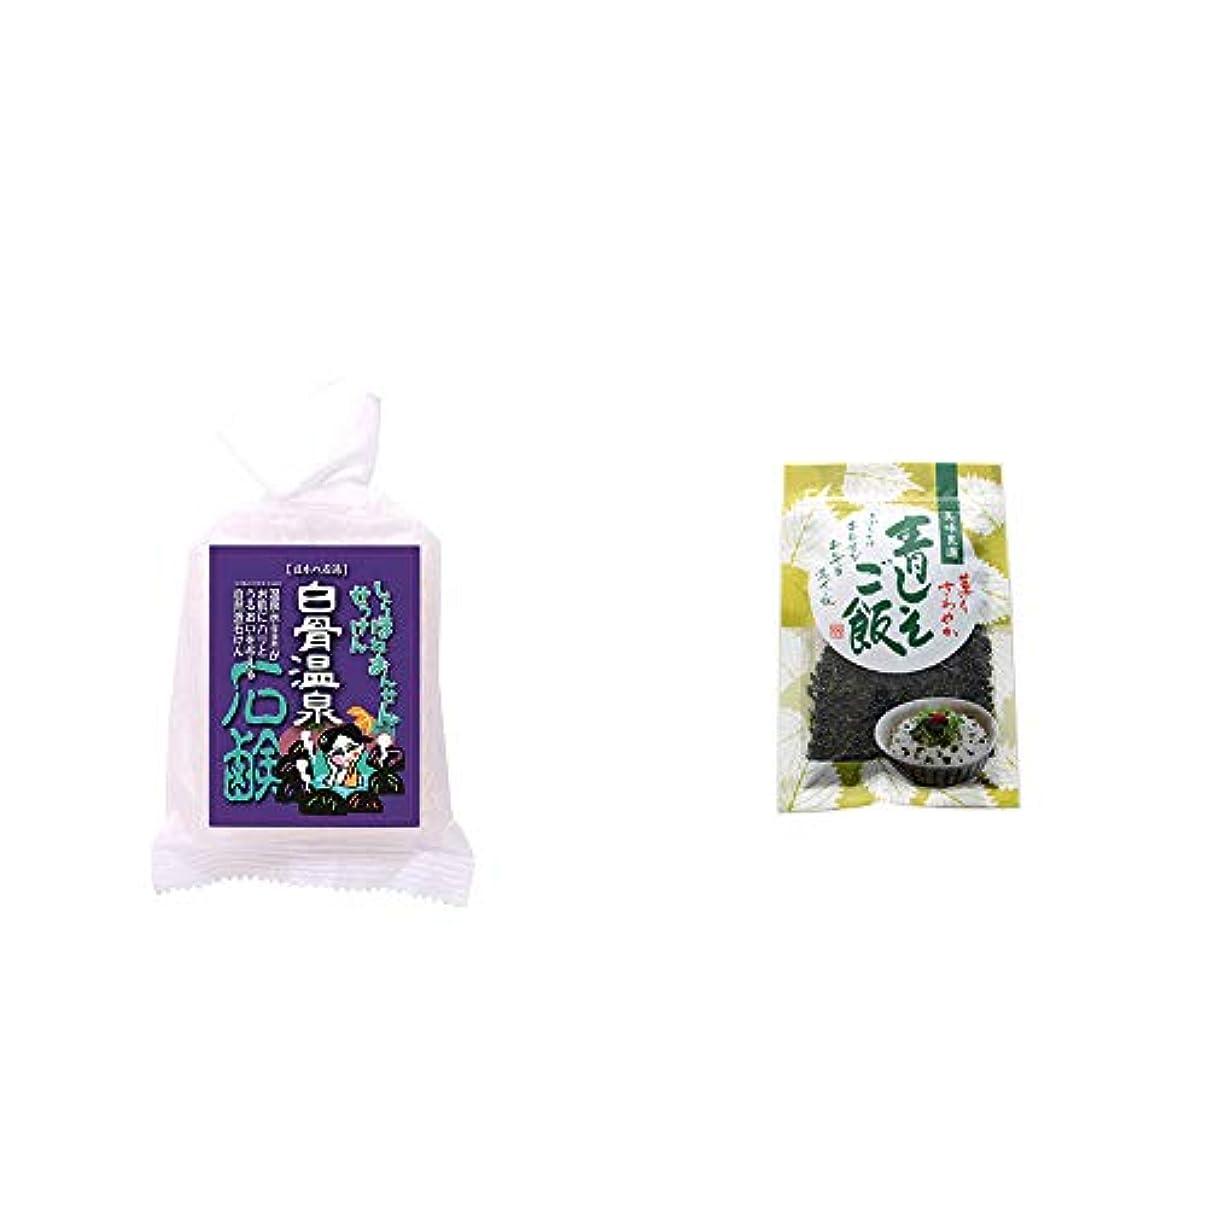 権限浪費味方[2点セット] 信州 白骨温泉石鹸(80g)?薫りさわやか 青しそご飯(80g)